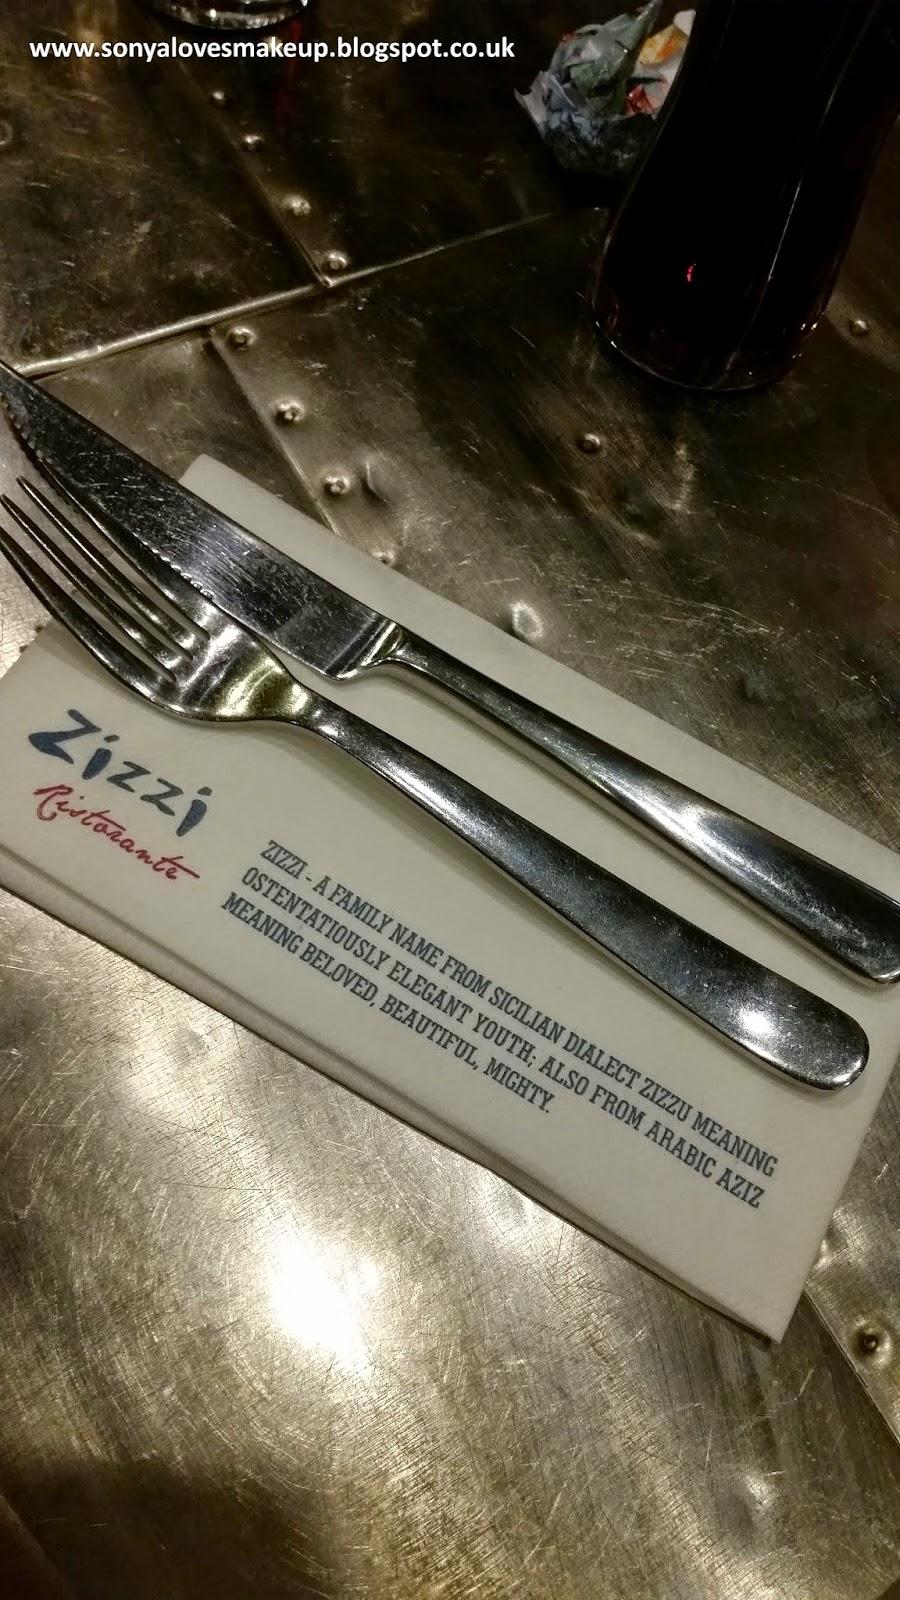 Zizzi Ristorante, Romford, Essex, Italian food,